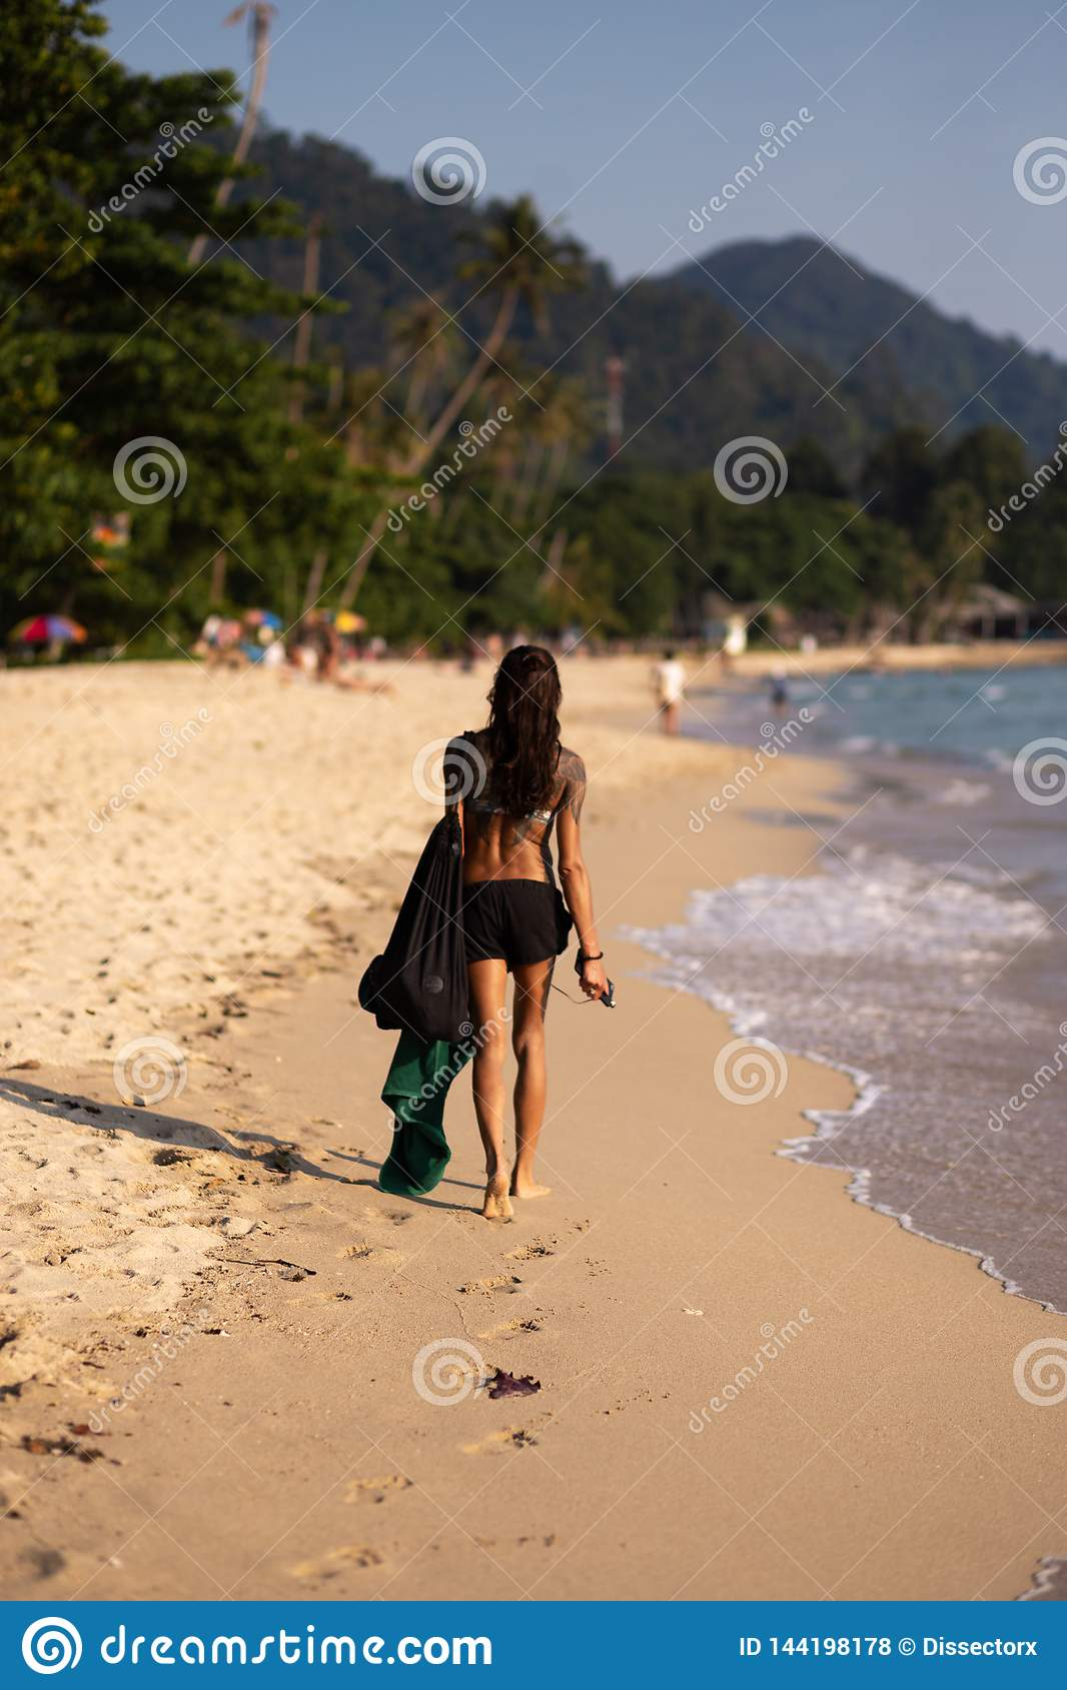 KNOCK-OUT CHANG, TAILANDIA - 9 DE ABRIL DE 2018: Asiático auténtico ellos muchacha que camina a lo largo del mar en una playa con